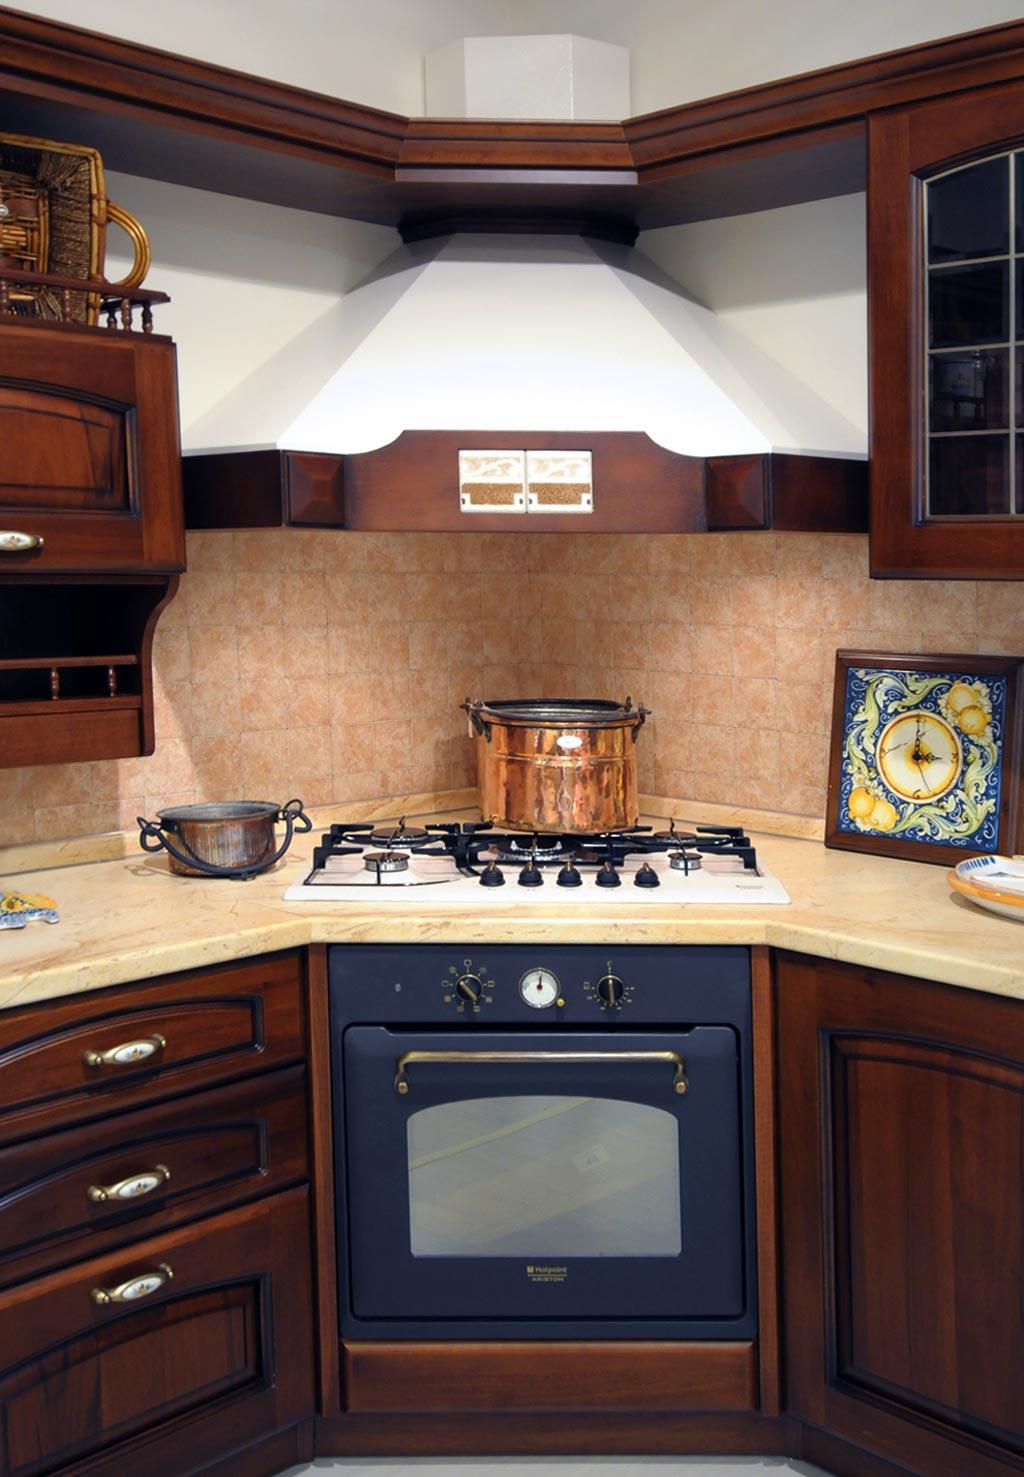 Cucina classica elena rivenditori cucine sicilia - Cucine angolo cottura ...